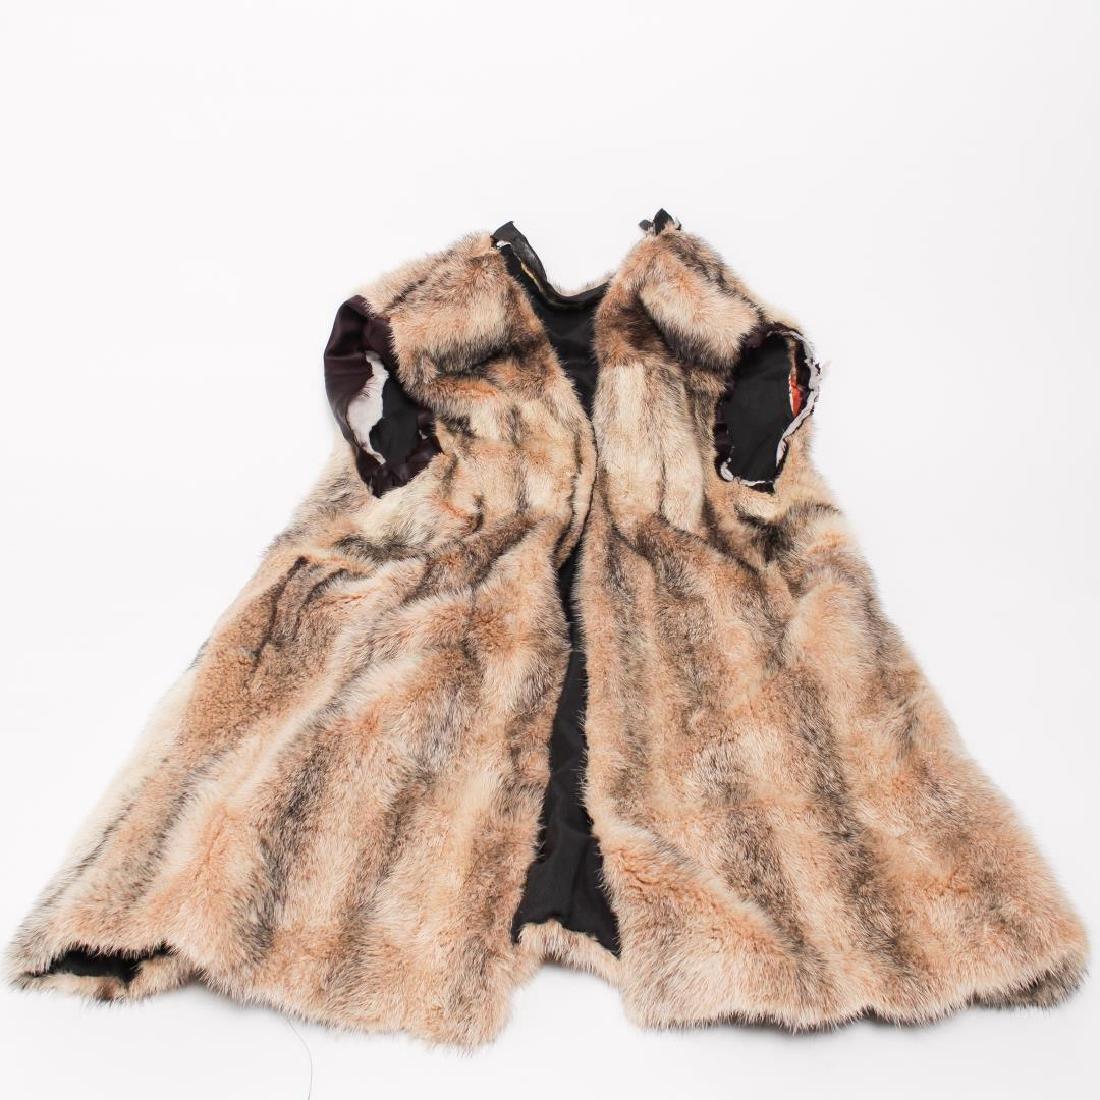 Vintage Fur Garments, inc. Mink & Sheered Mink - 6